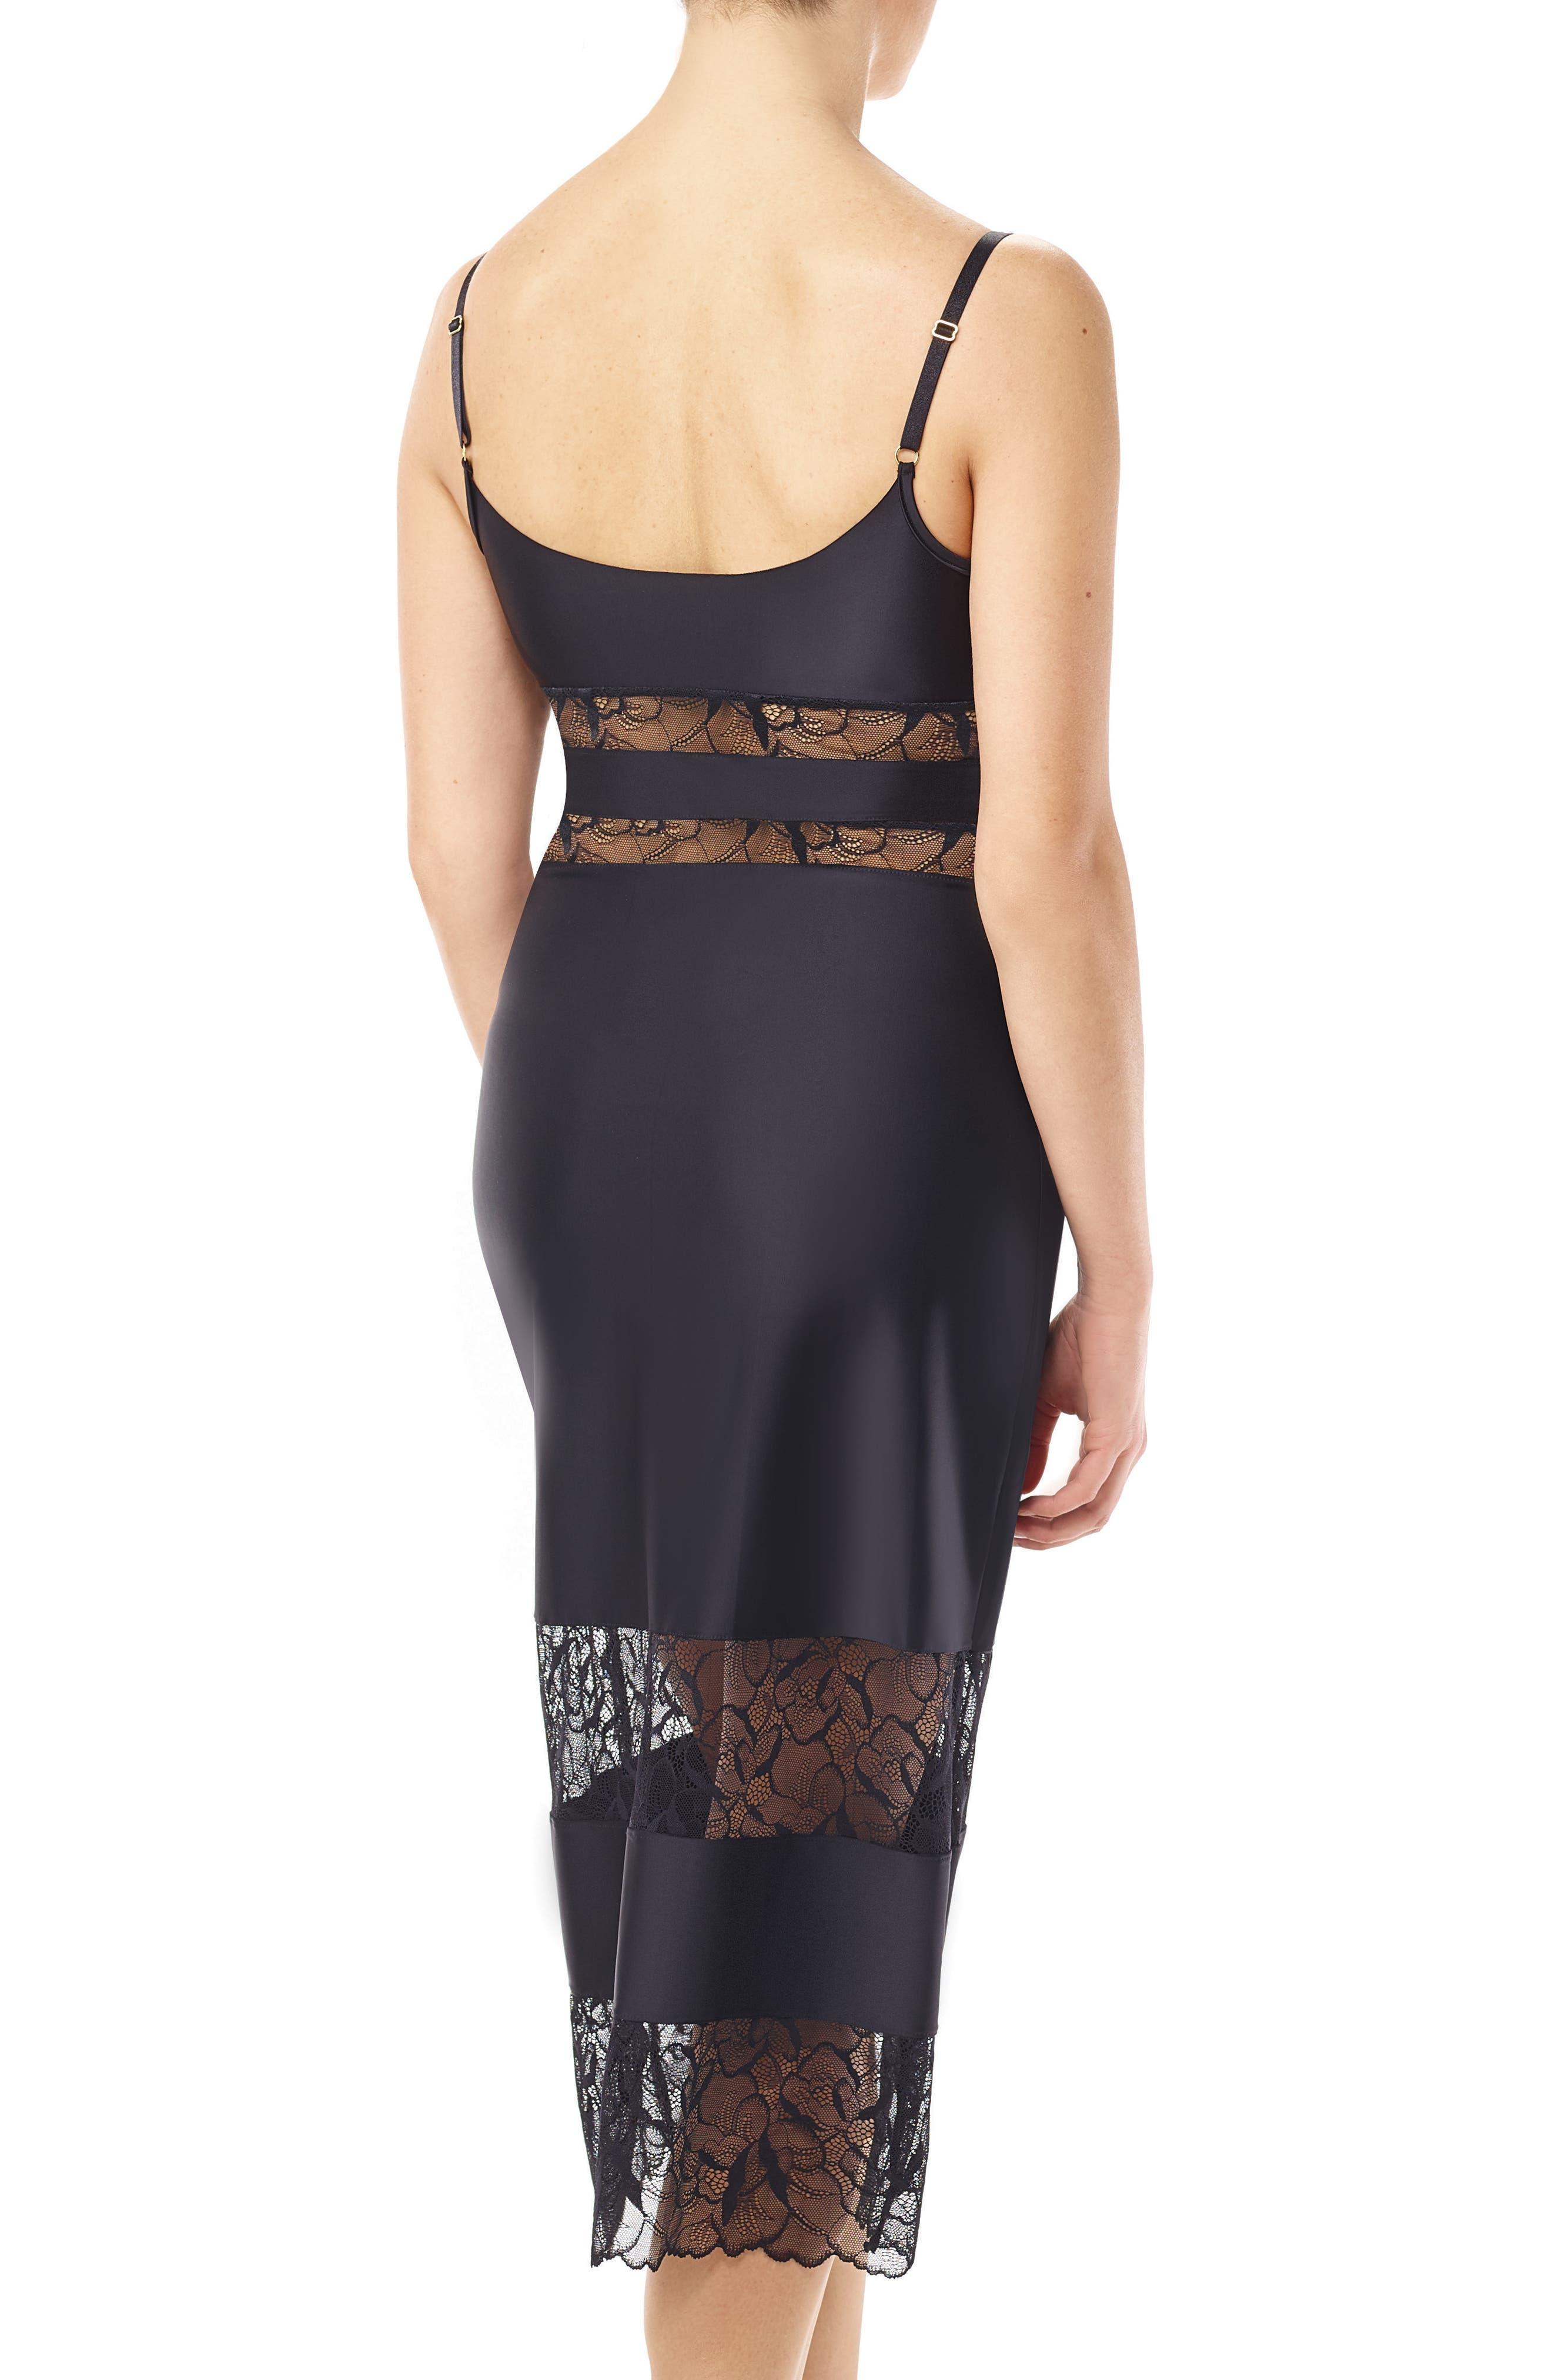 Lace & Satin Slip Dress,                             Alternate thumbnail 2, color,                             001